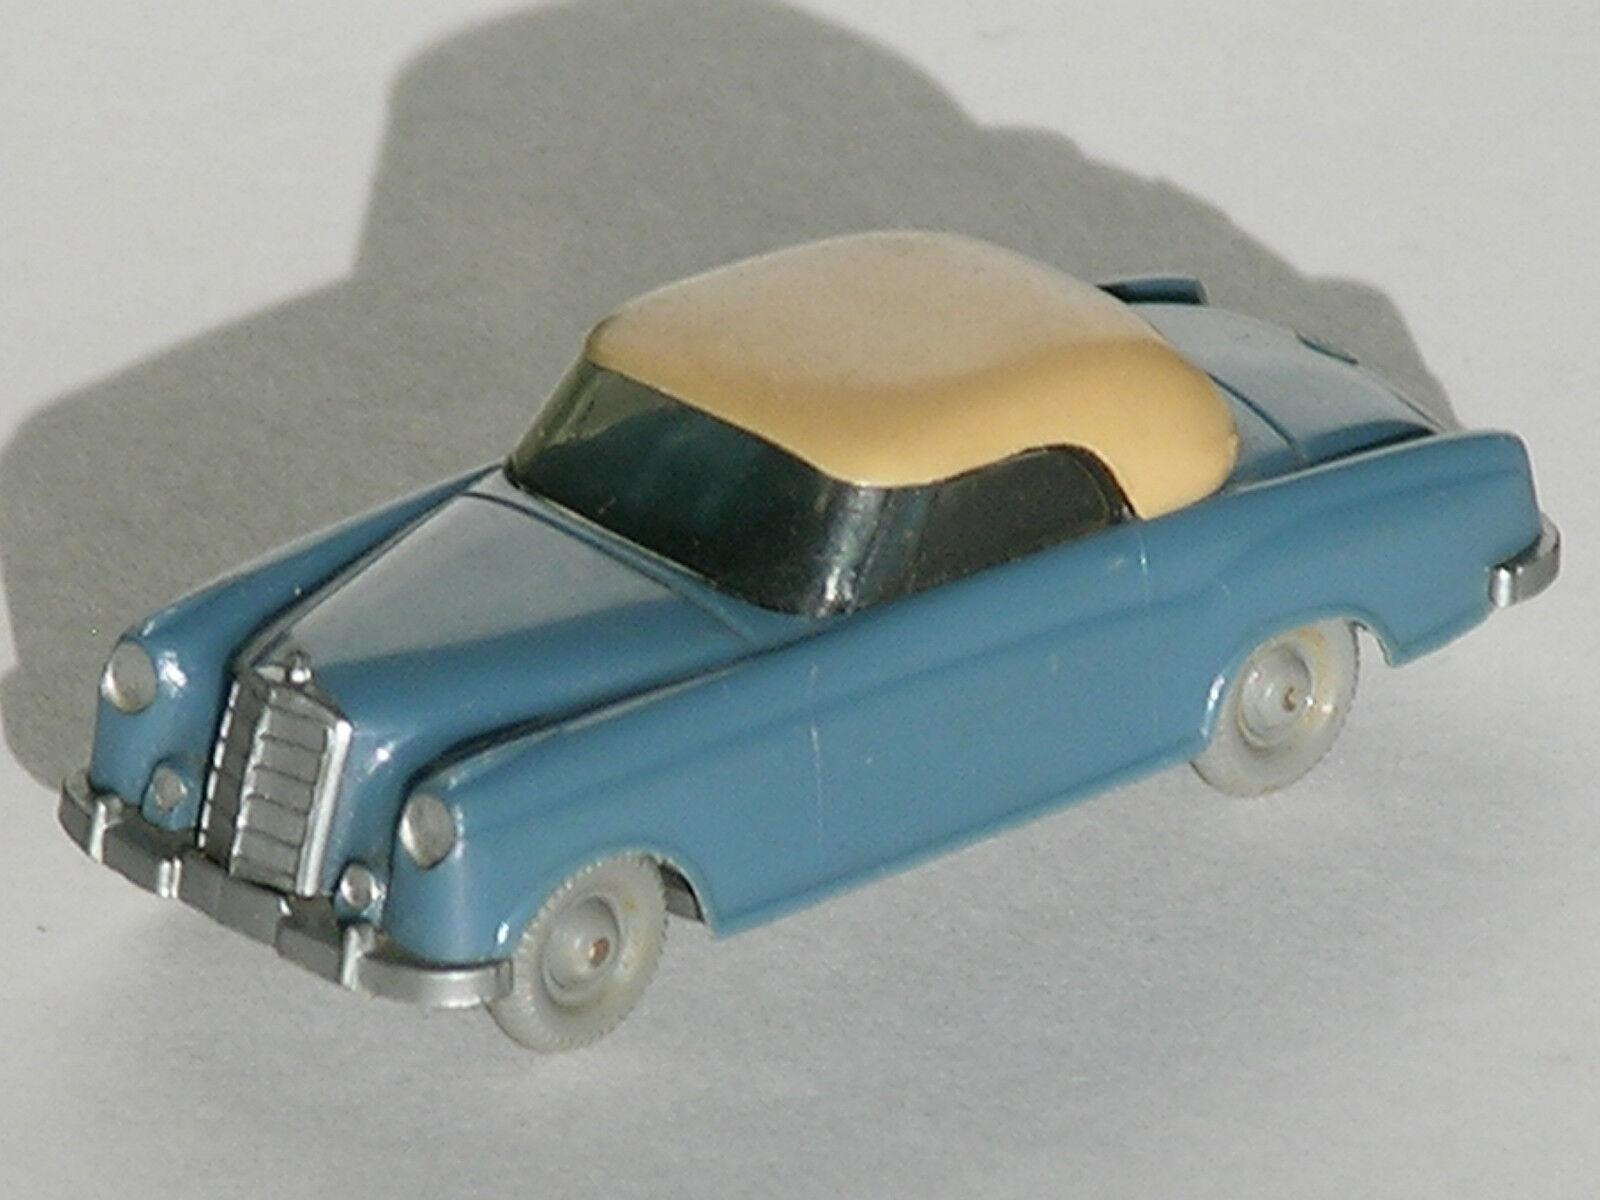 Mercedes Benz MB 220 S Coupé Matt gris azul beige sin gancho GK 144 2 Wiking